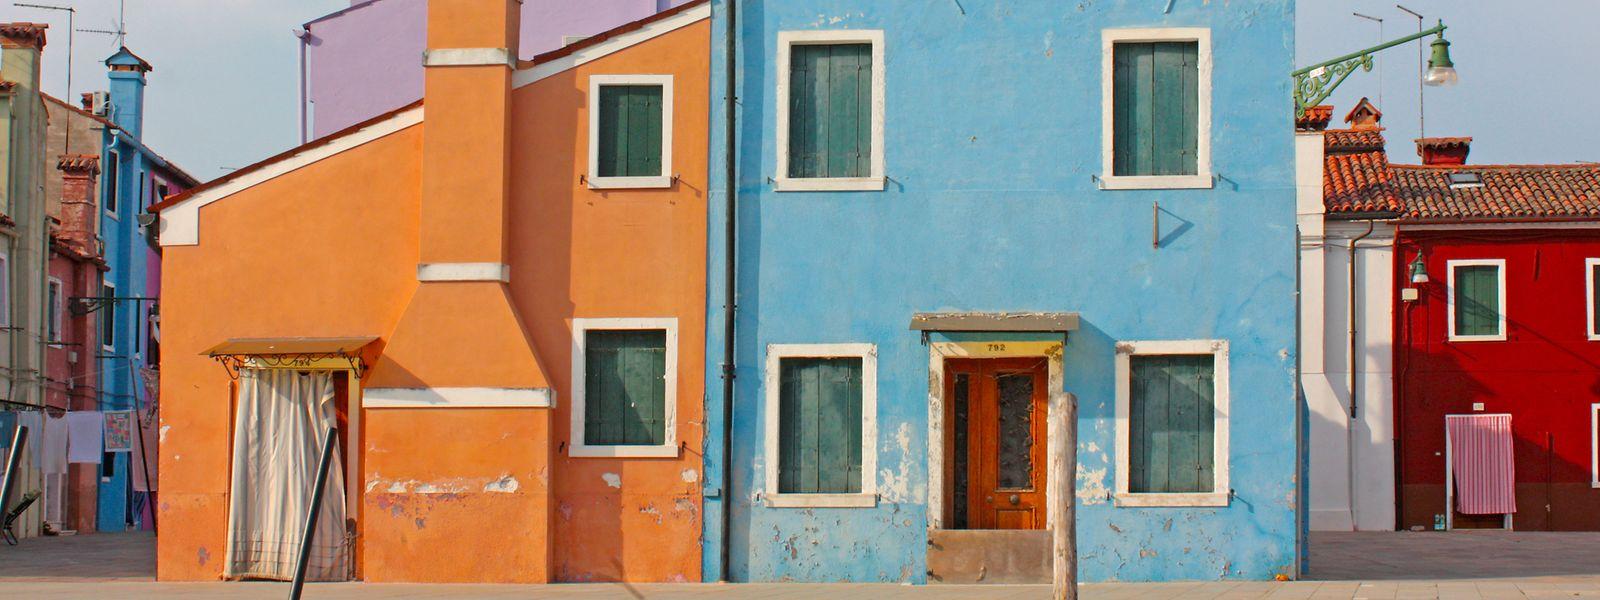 Renovierungsbedürftig: Einige italienische Gemeinden hoffen, mit den Ein-Euro-Häusern neue Investoren in ihr Dorf zu locken.